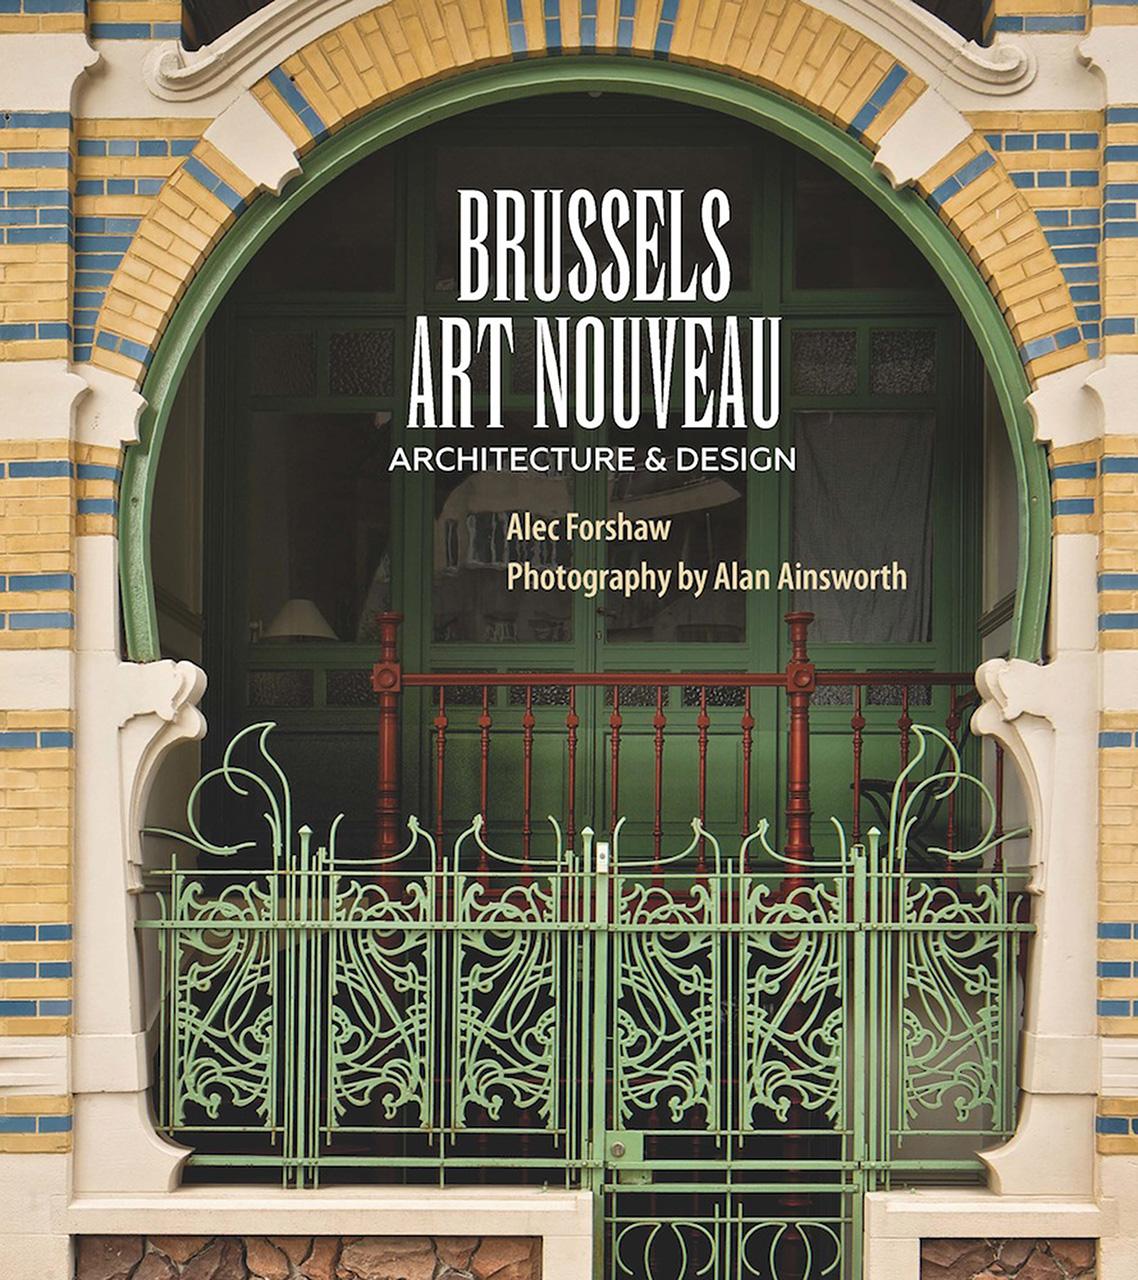 Brussels Art Nouveau Architecture